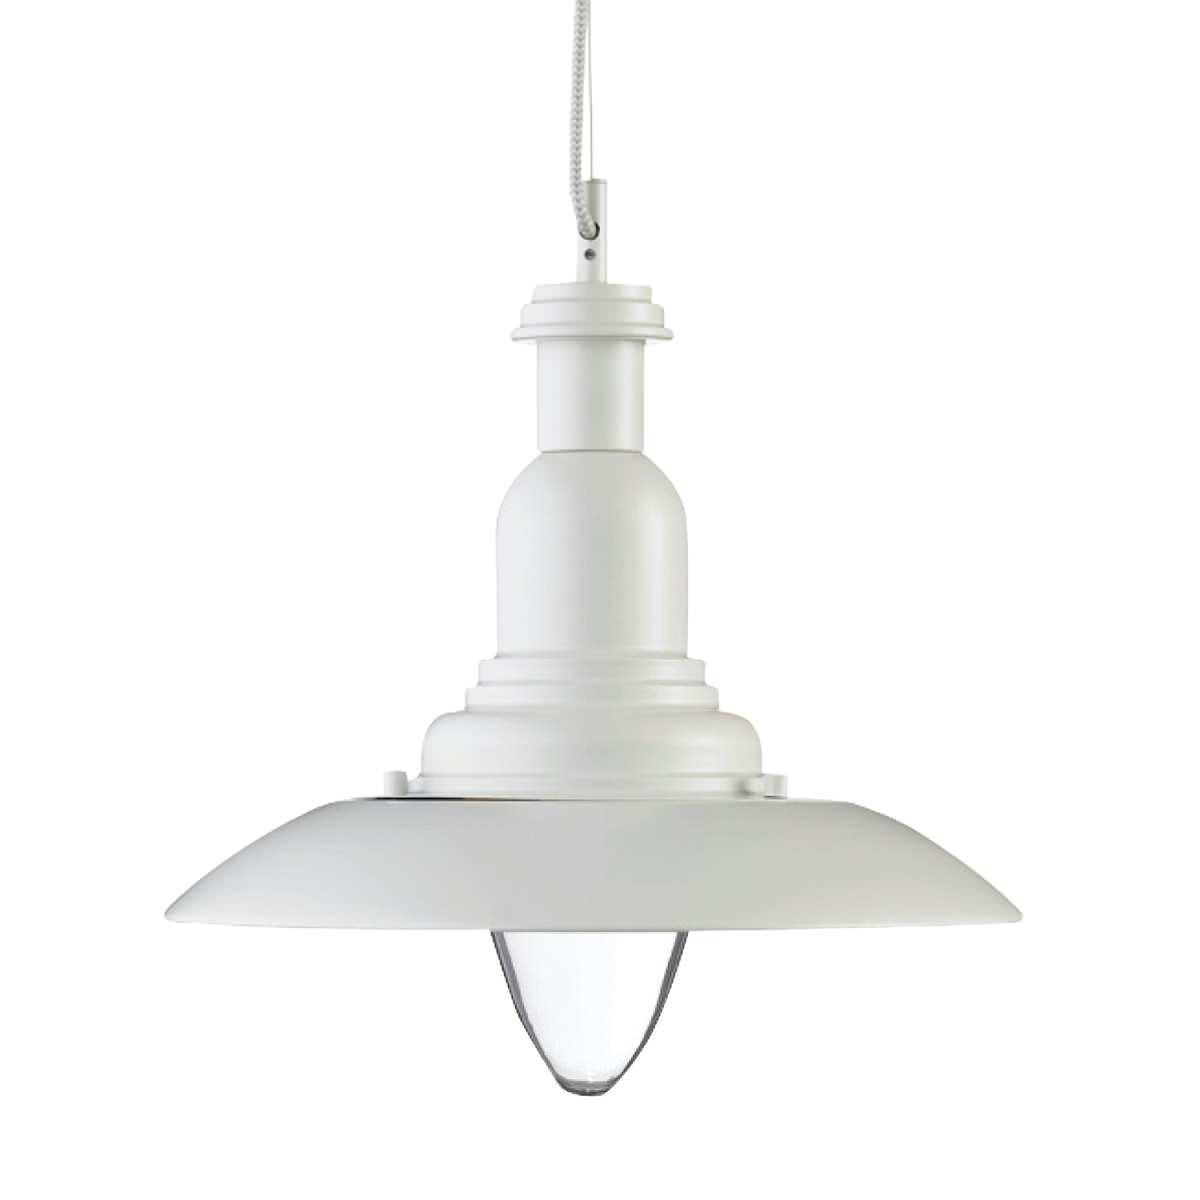 1灯ペンダントライト PORTLAND ホワイト|Markslojd マークスロイド 北欧スウェーデンのデザイン照明 ペンダントランプ シャンデリア デザイナーズ モダン リビング ダイニング 寝室